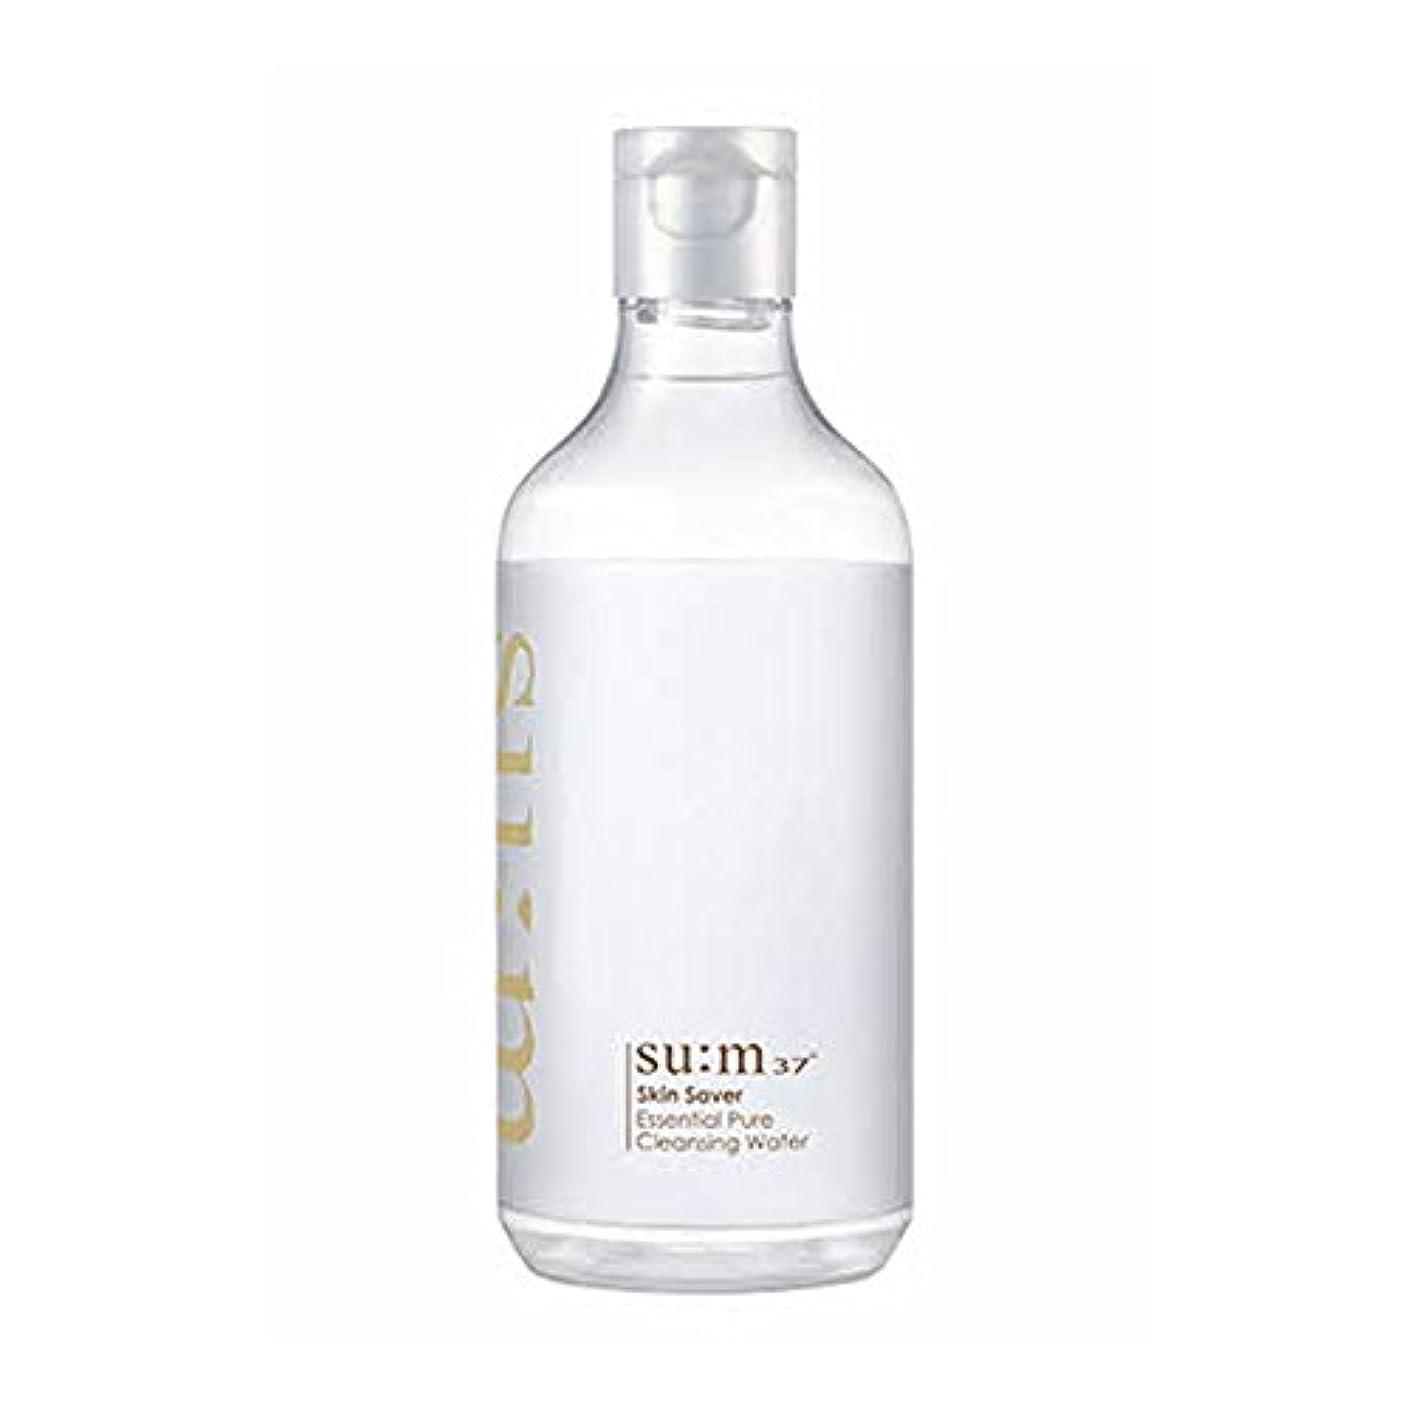 赤字労働留め金[スム37°] Sum37° スキンセイバー エッセンシャルピュアクレンジングウォーター  Skin saver Essential Pure Cleansing Water (海外直送品) [並行輸入品]